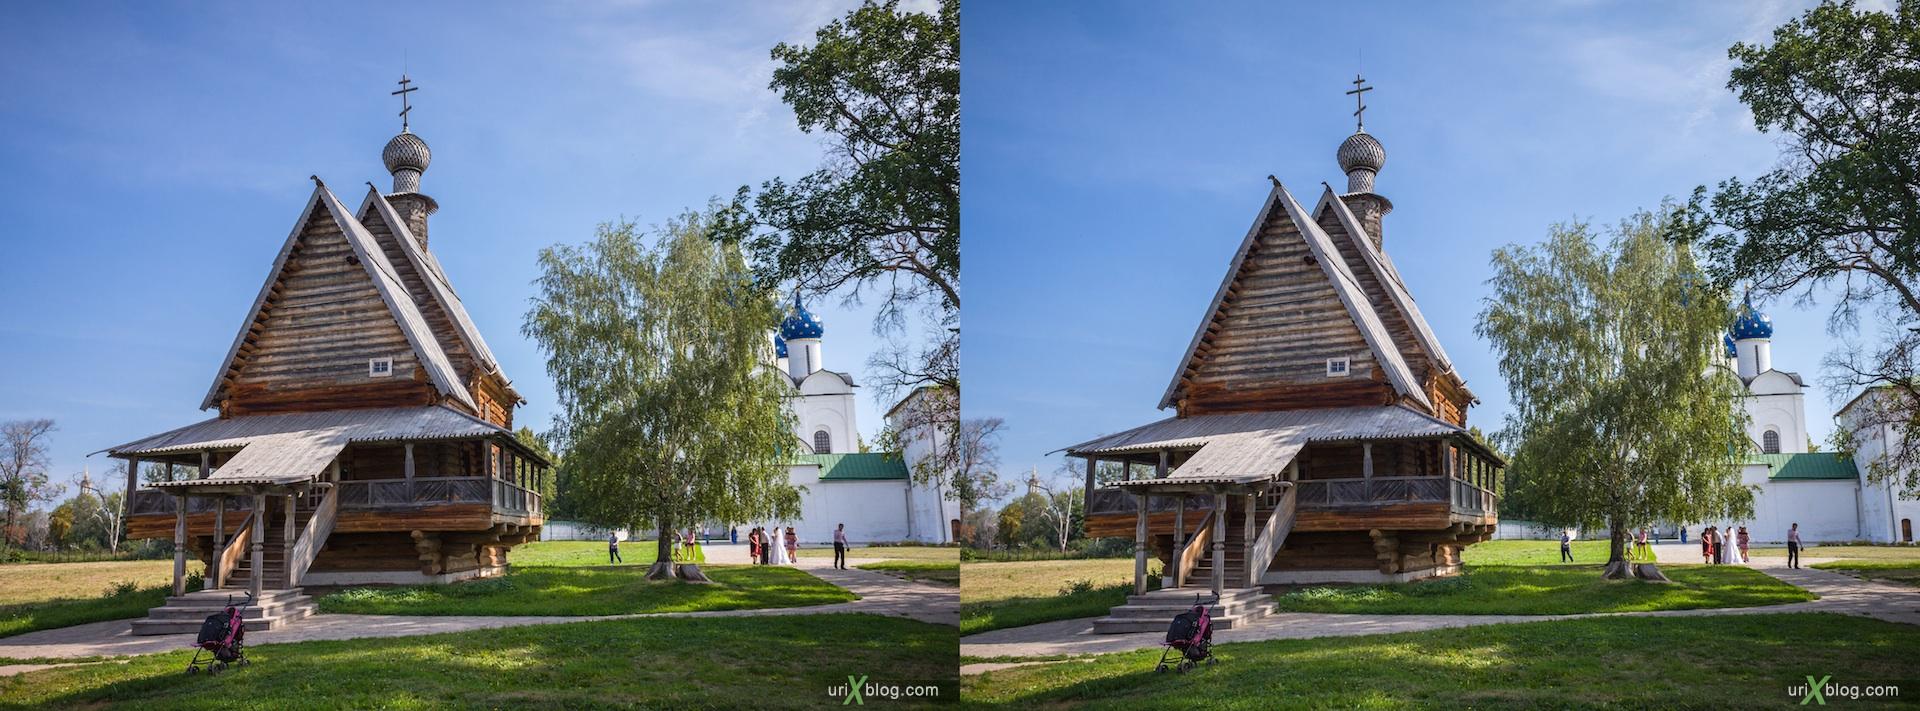 2012 Суздаль Владимирская область собор Никольская деревянная церковь, Суздальский кремль, 3D, stereo, cross-eyed, стерео, стереопара Canon 600D